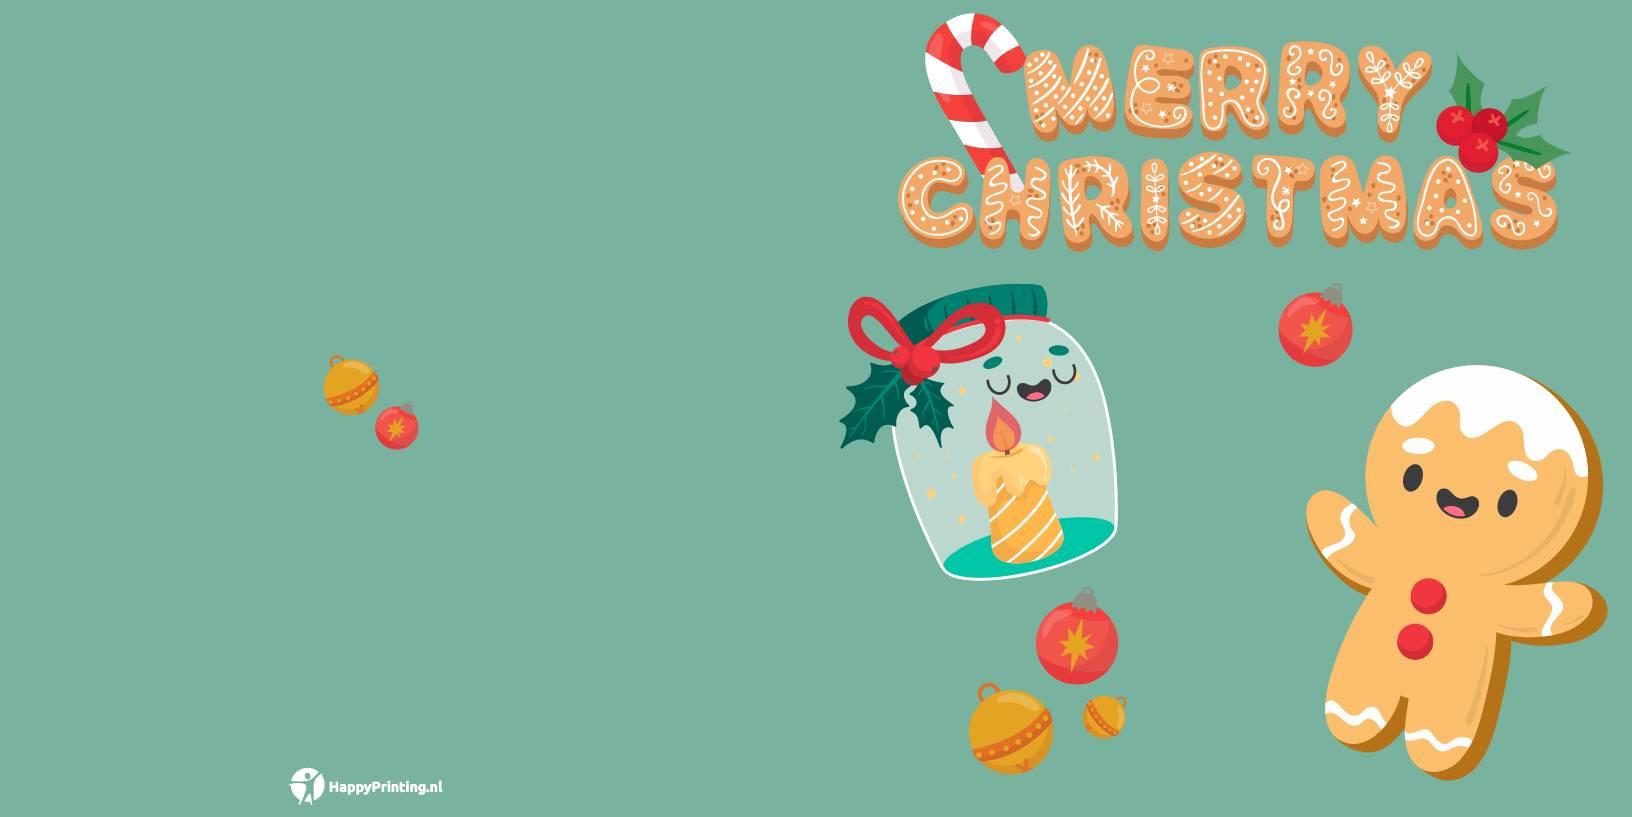 Persoonlijk _ Kerst 018 _ P